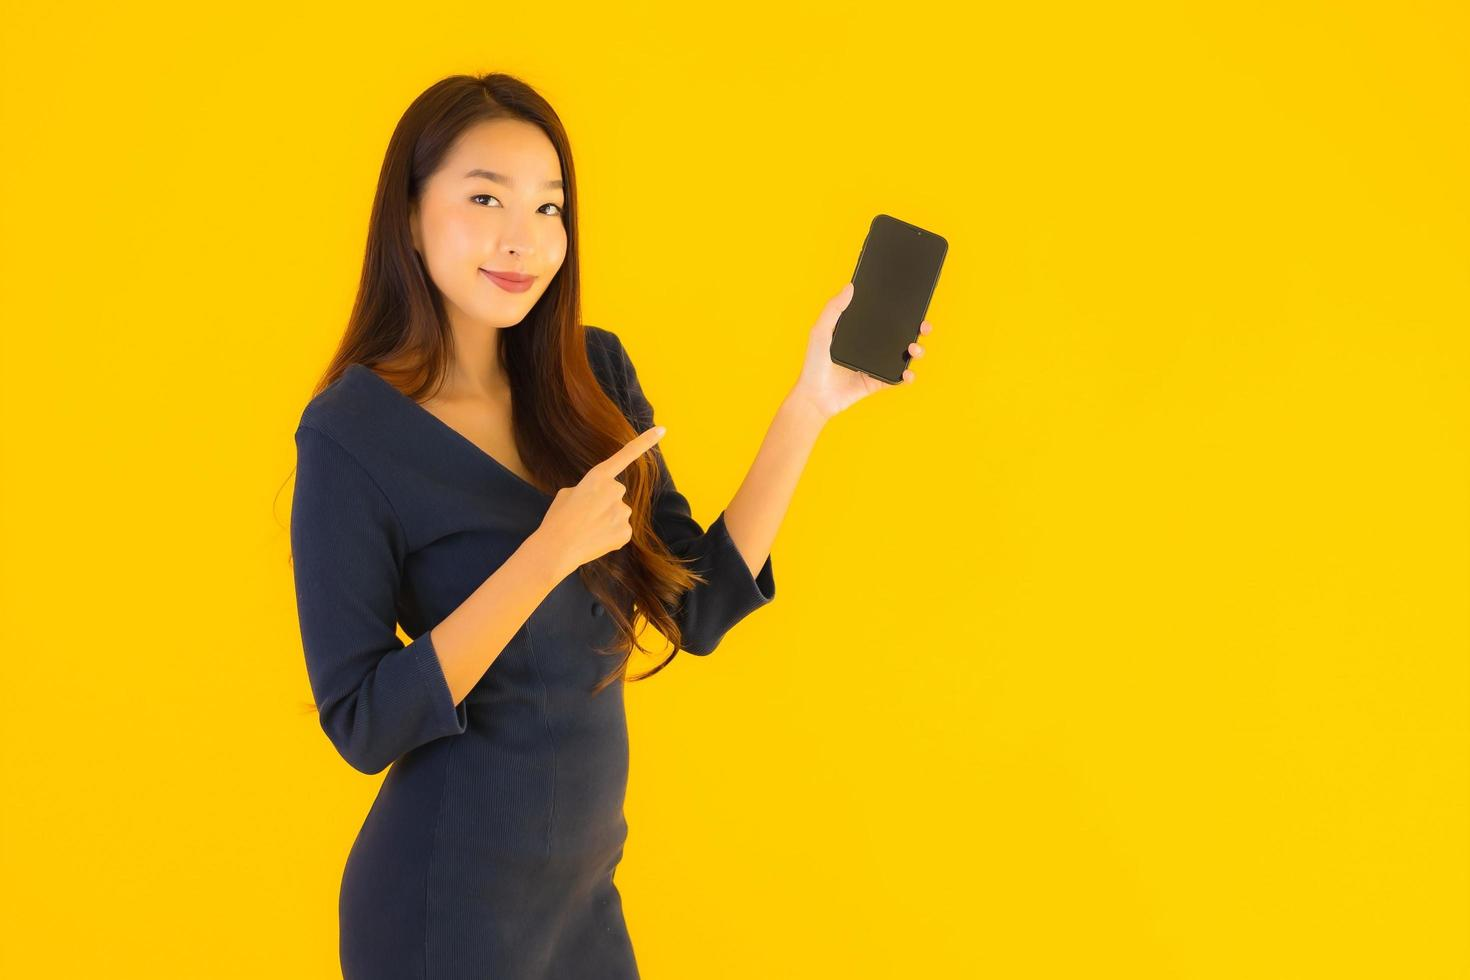 Frau zeigt auf Telefon foto